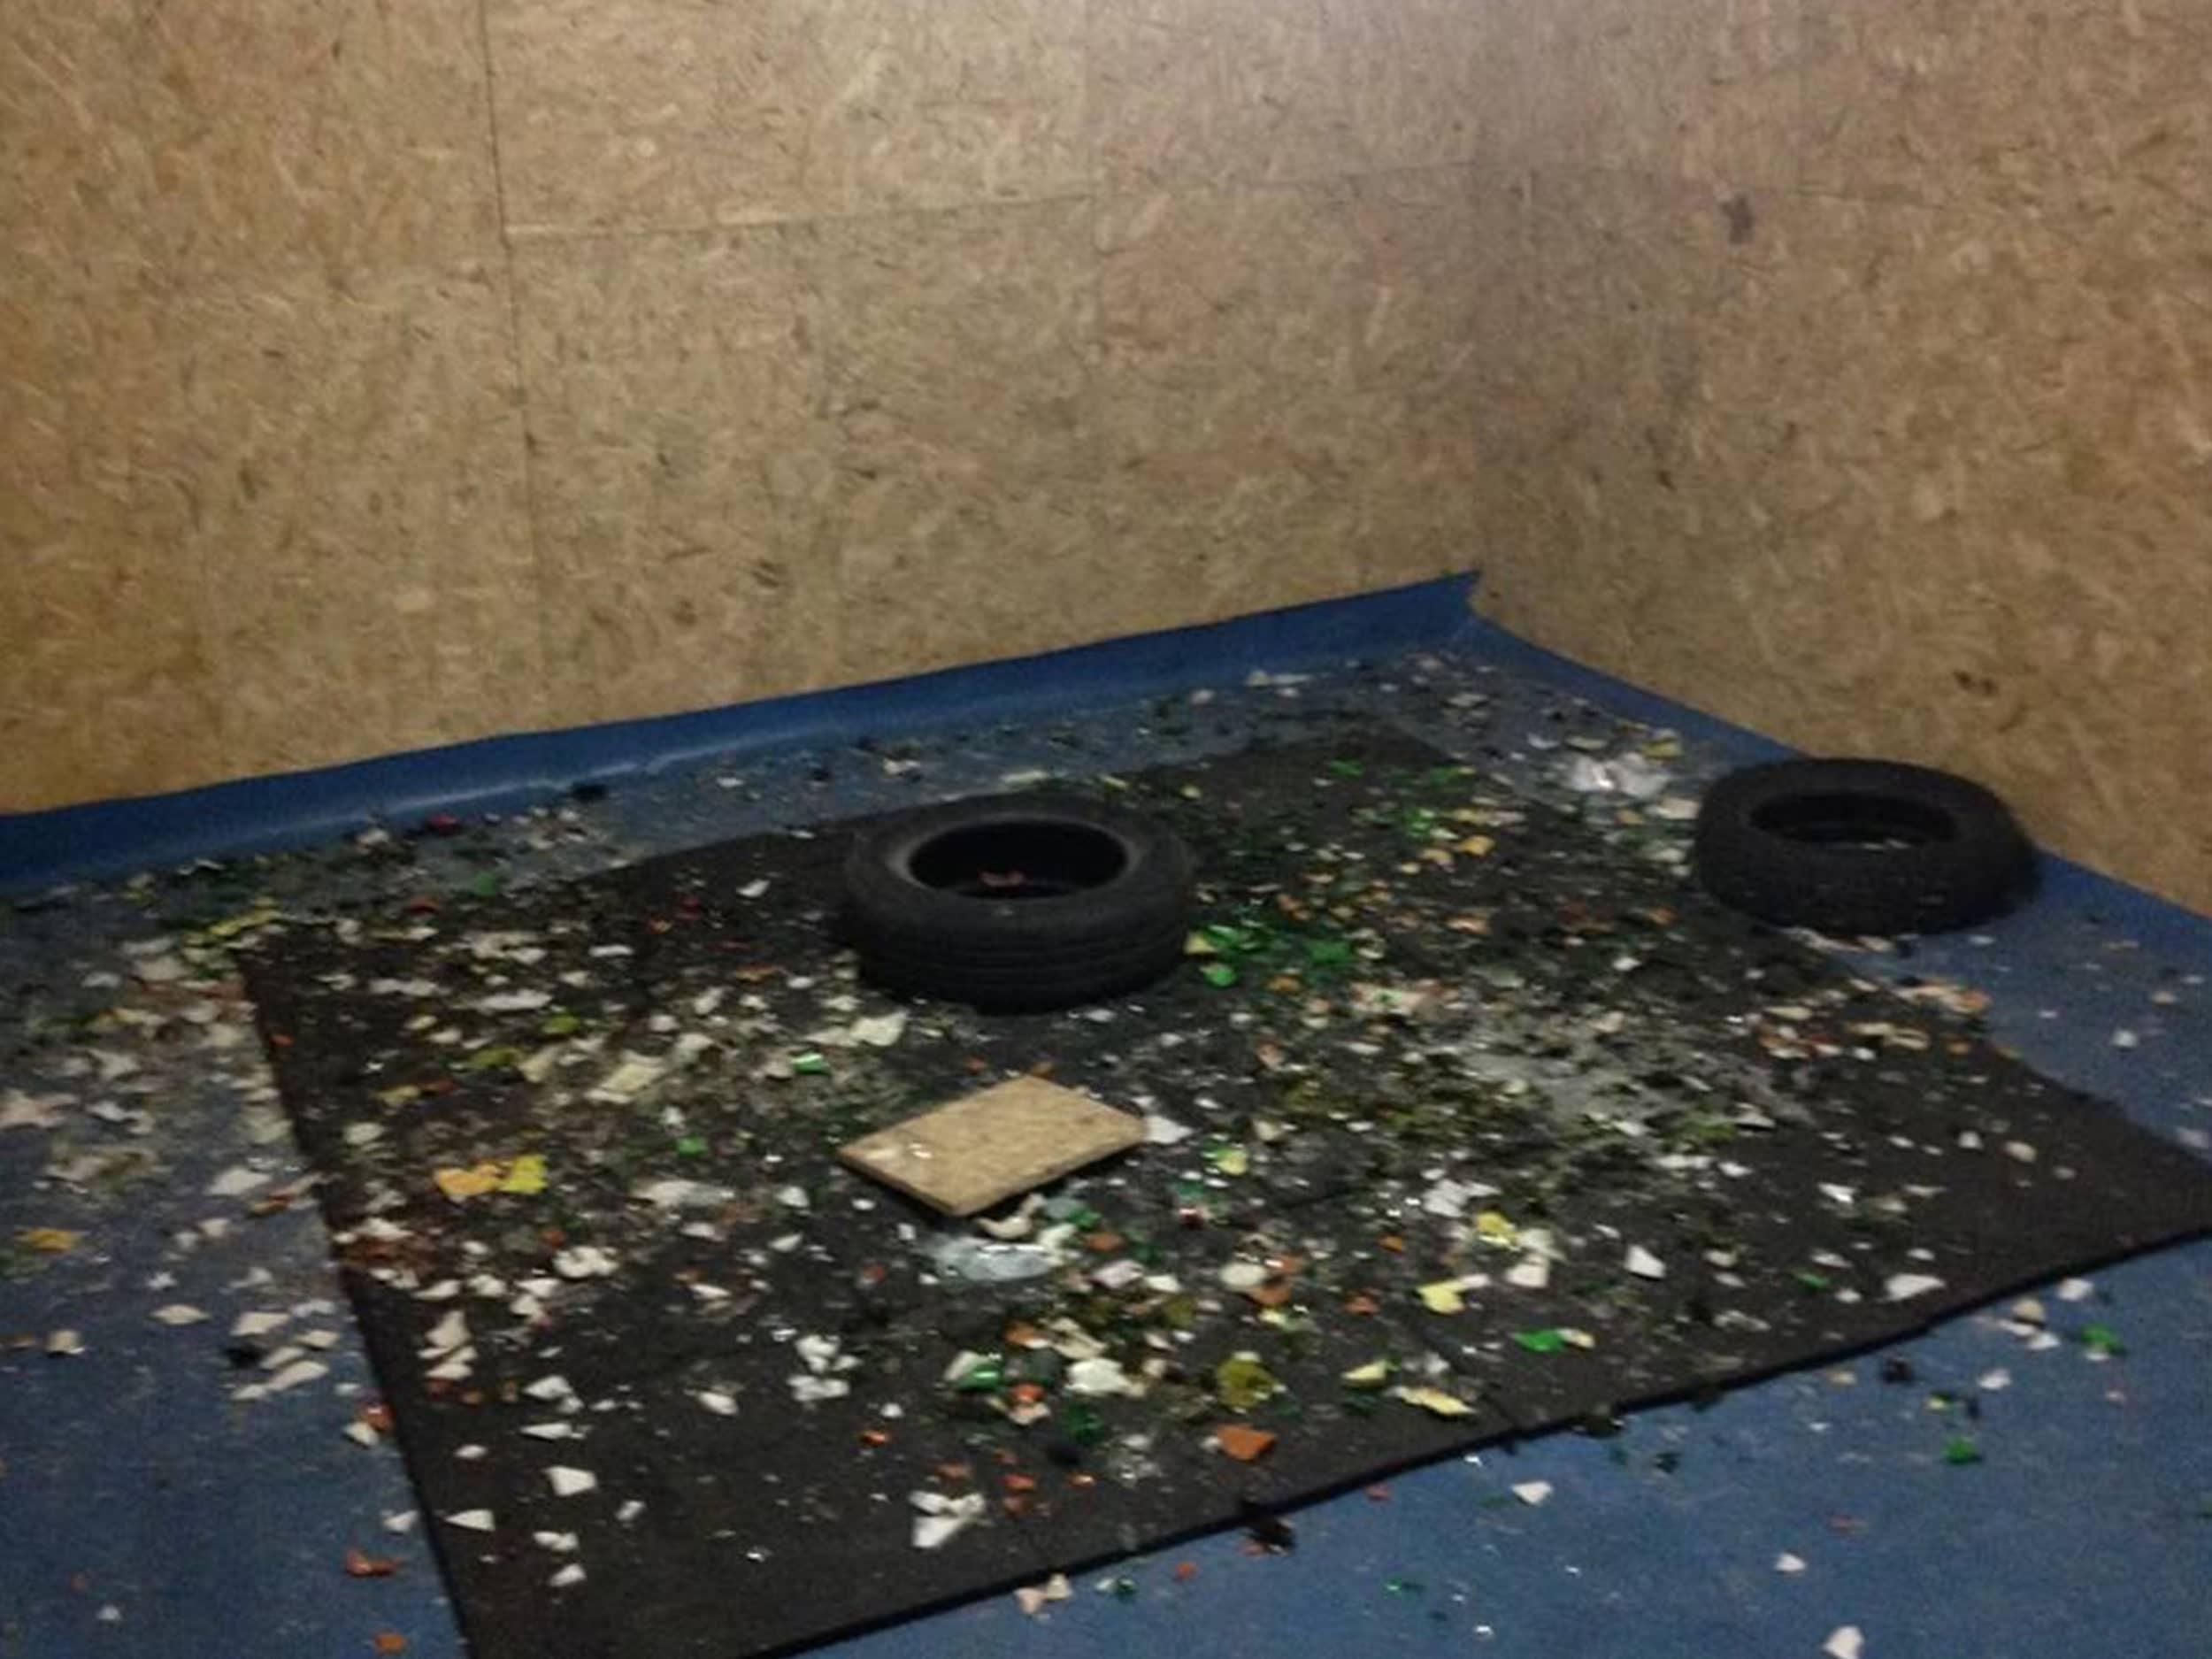 pièce après une séance avec des débris de verre à terre